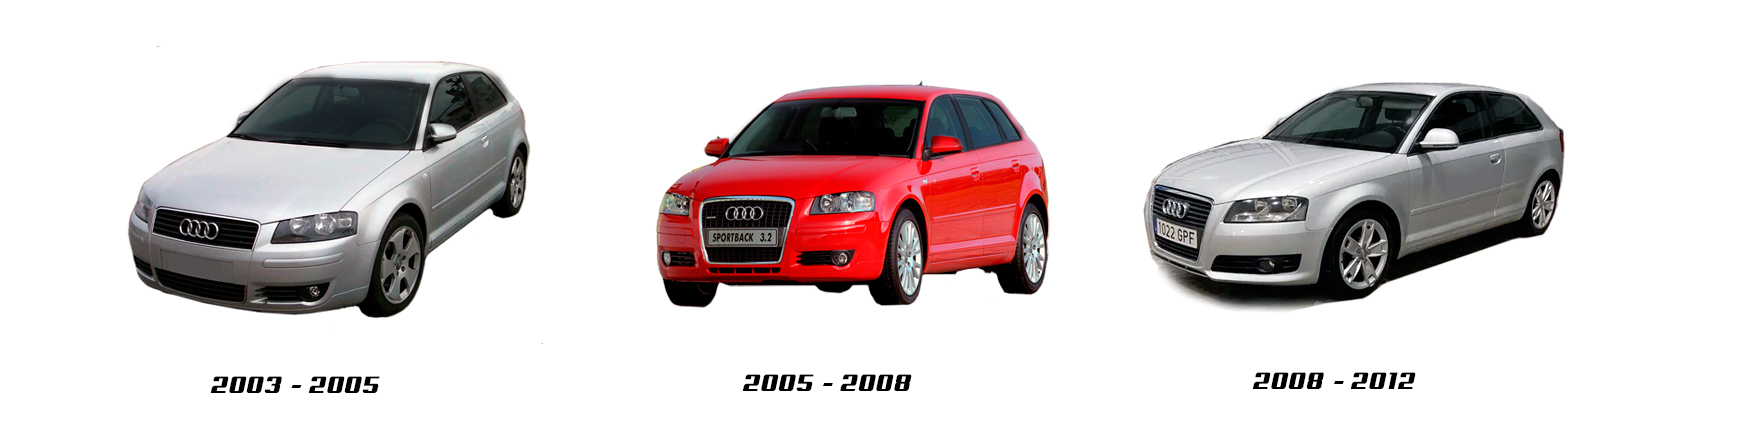 Audi A3 de 2003 a 2008. Repuestos nuevos. Piloto, faro, espejo...